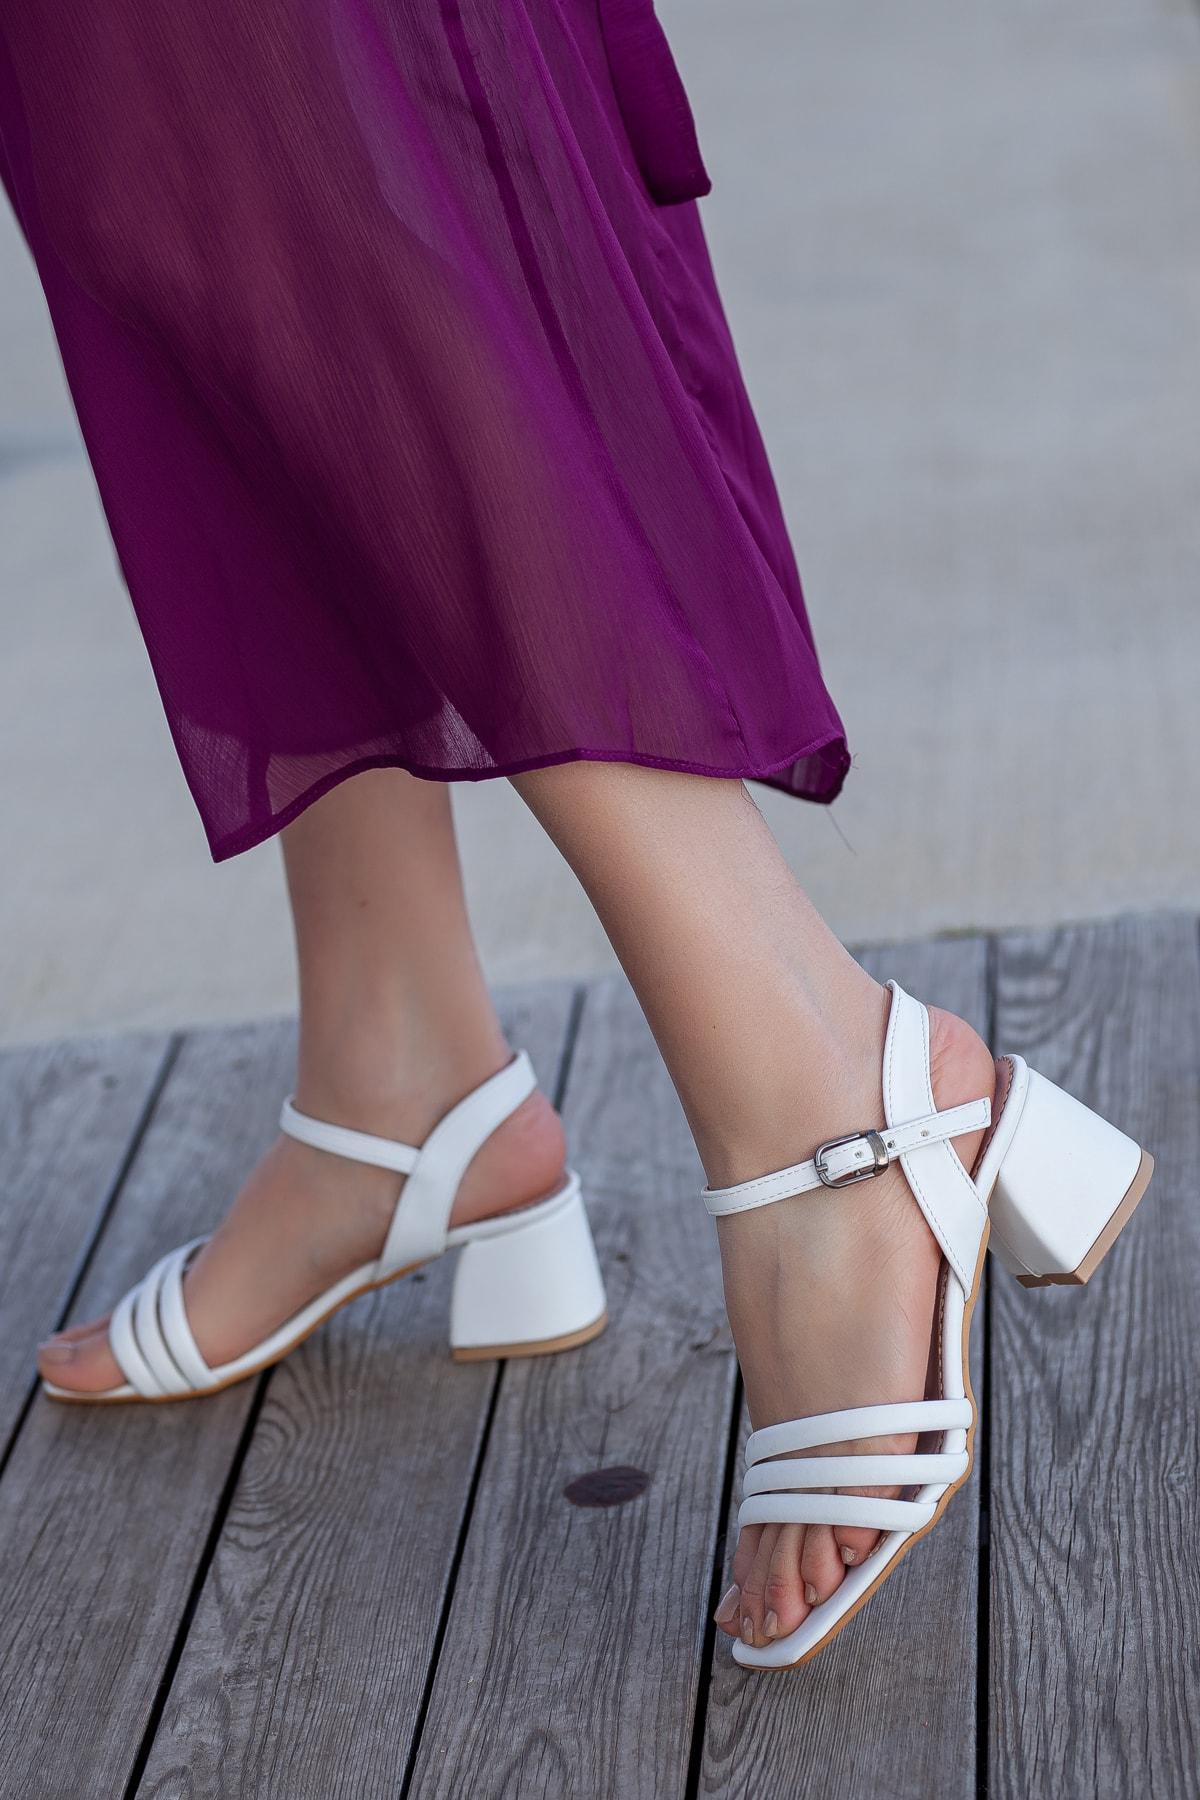 Daxtors D2180 Kadın Klasik Topuklu Ayakkabı 1